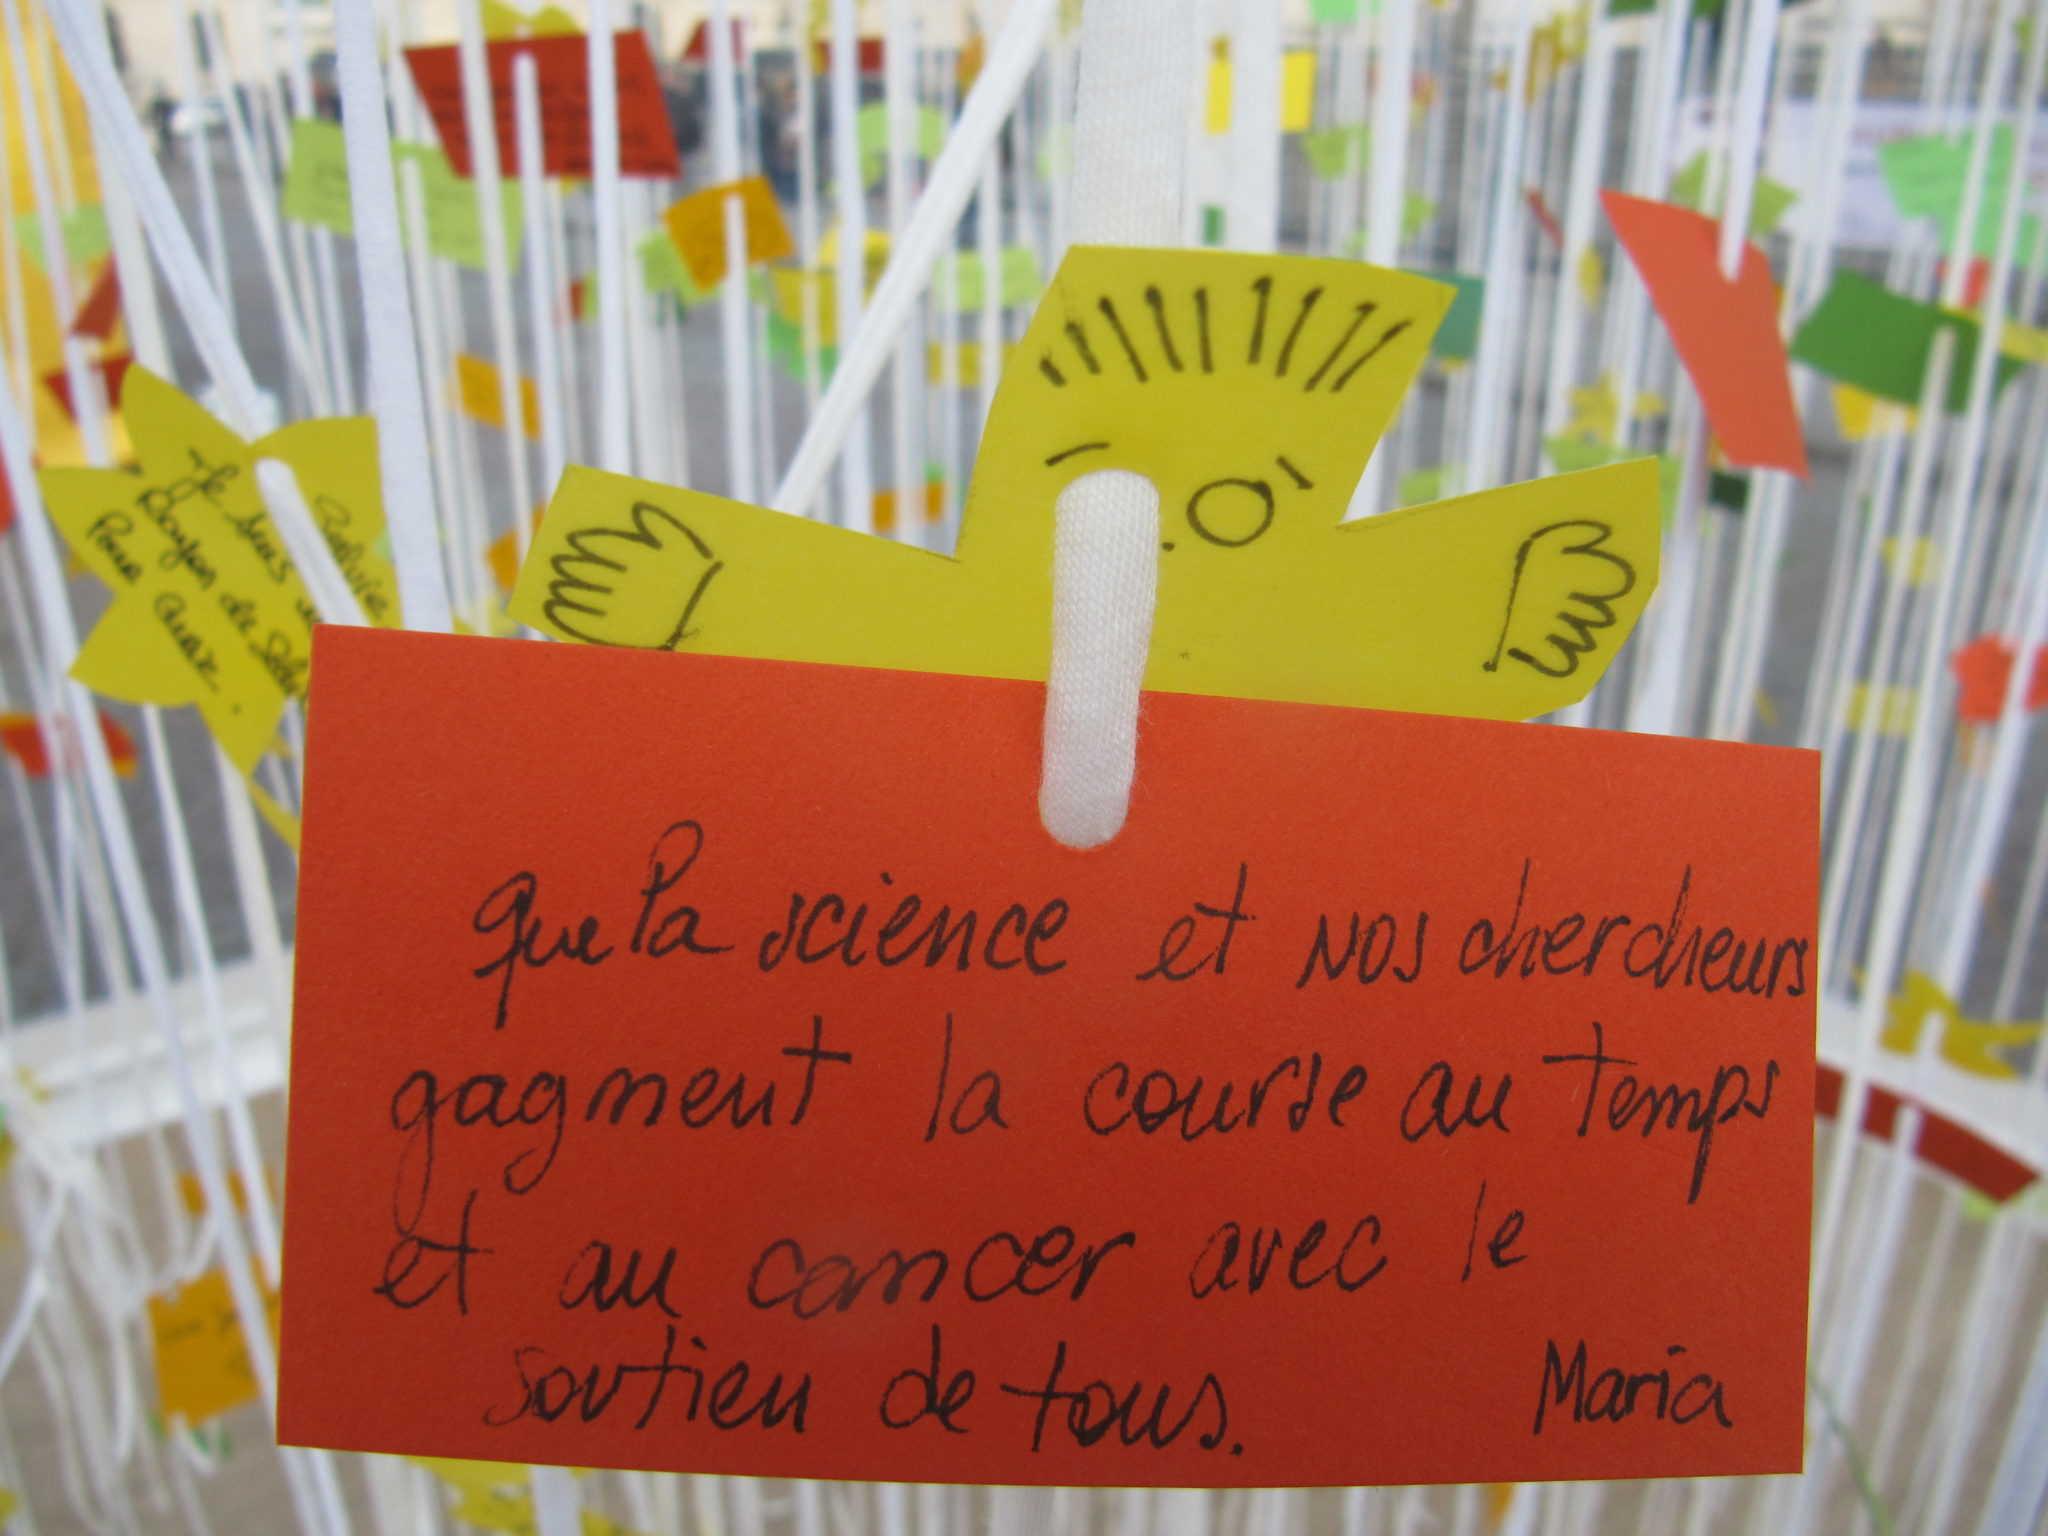 La Forêt des messages #1 / The foret messages 1